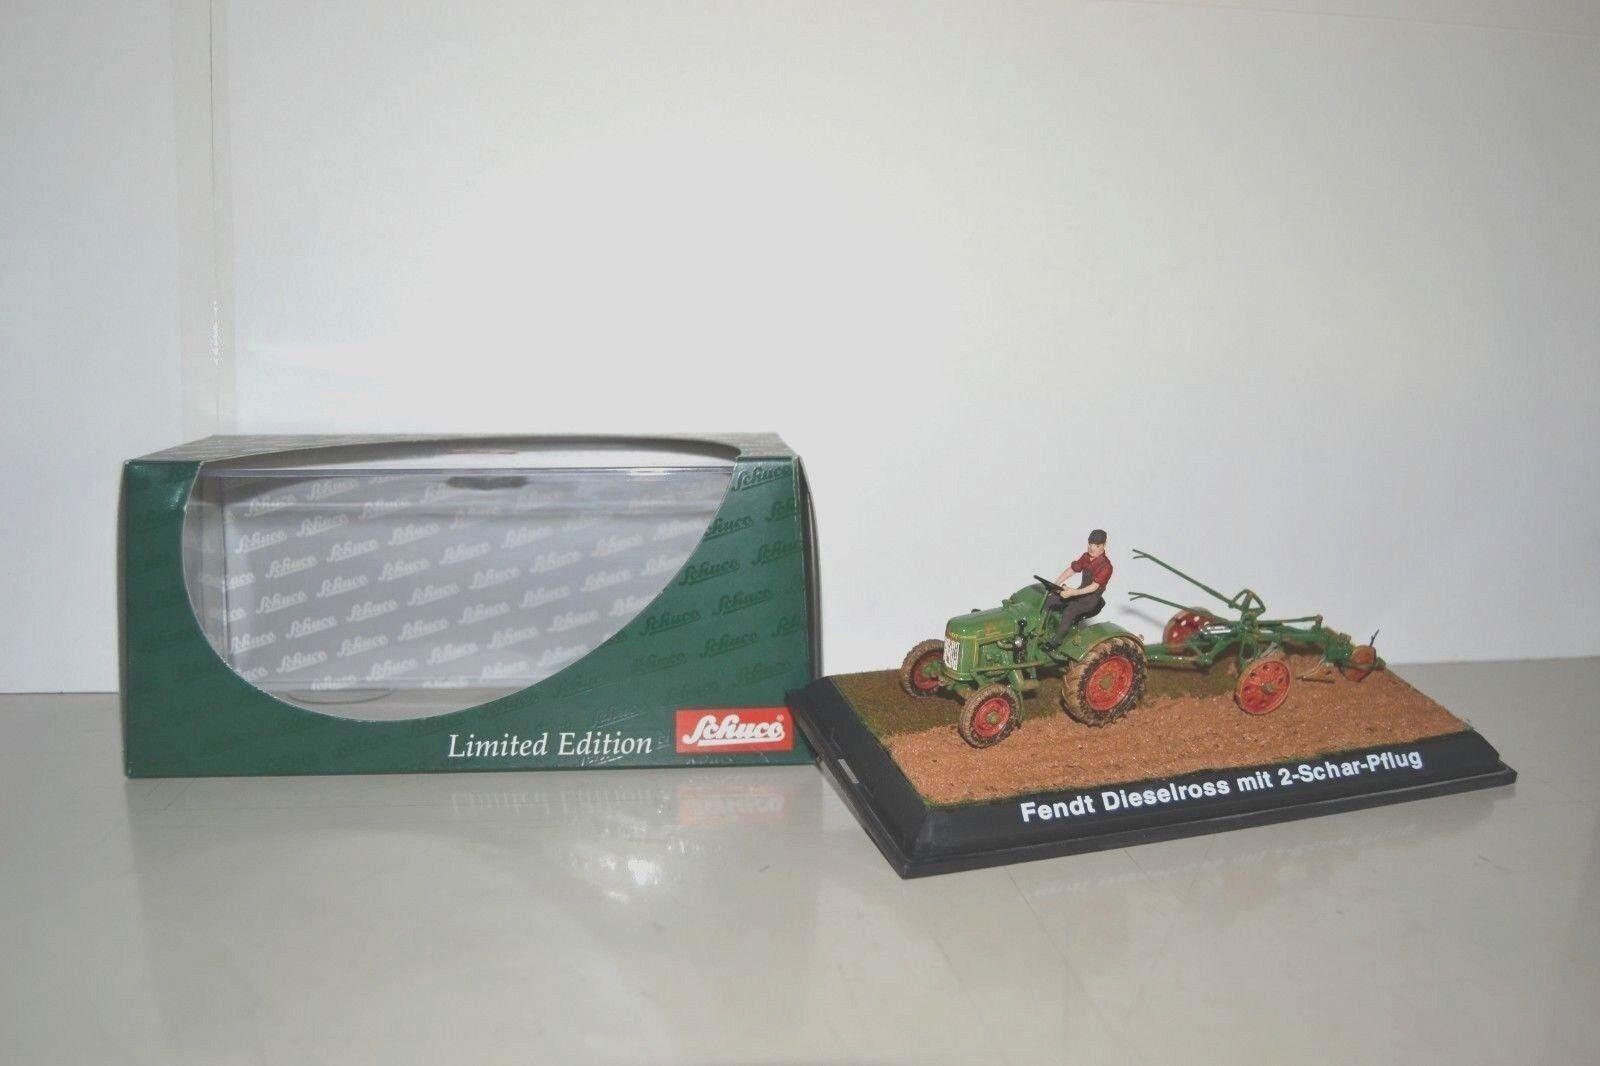 Schuco 1/43. Fendt Dieselross F20G 1955 diorama charrue + figurine. Réf. 02727.